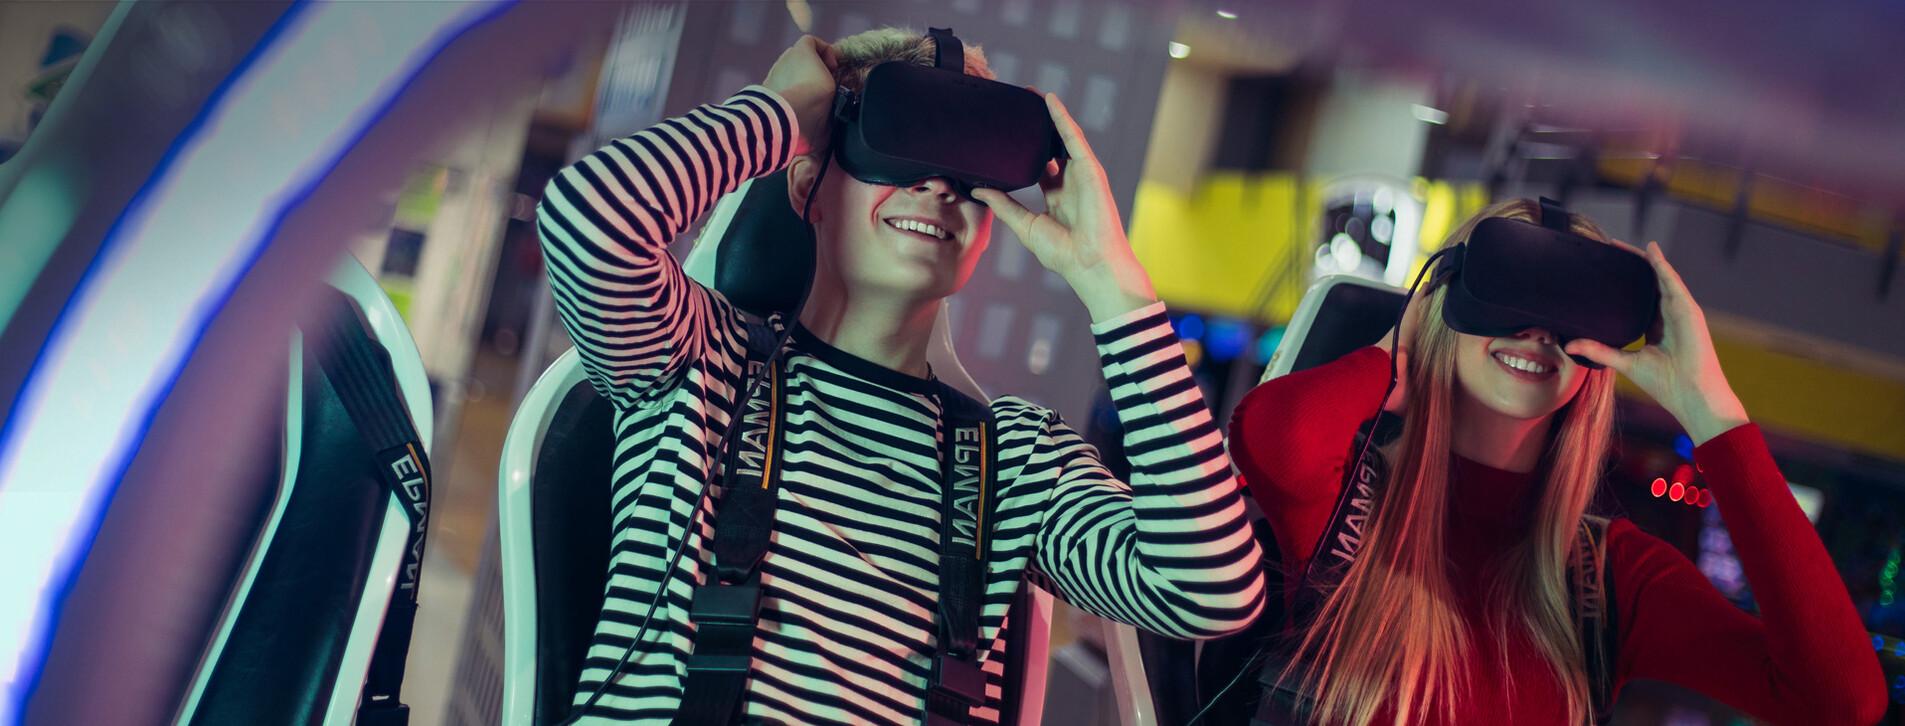 Фото - Екшн-фільм у VR-окулярах для двох